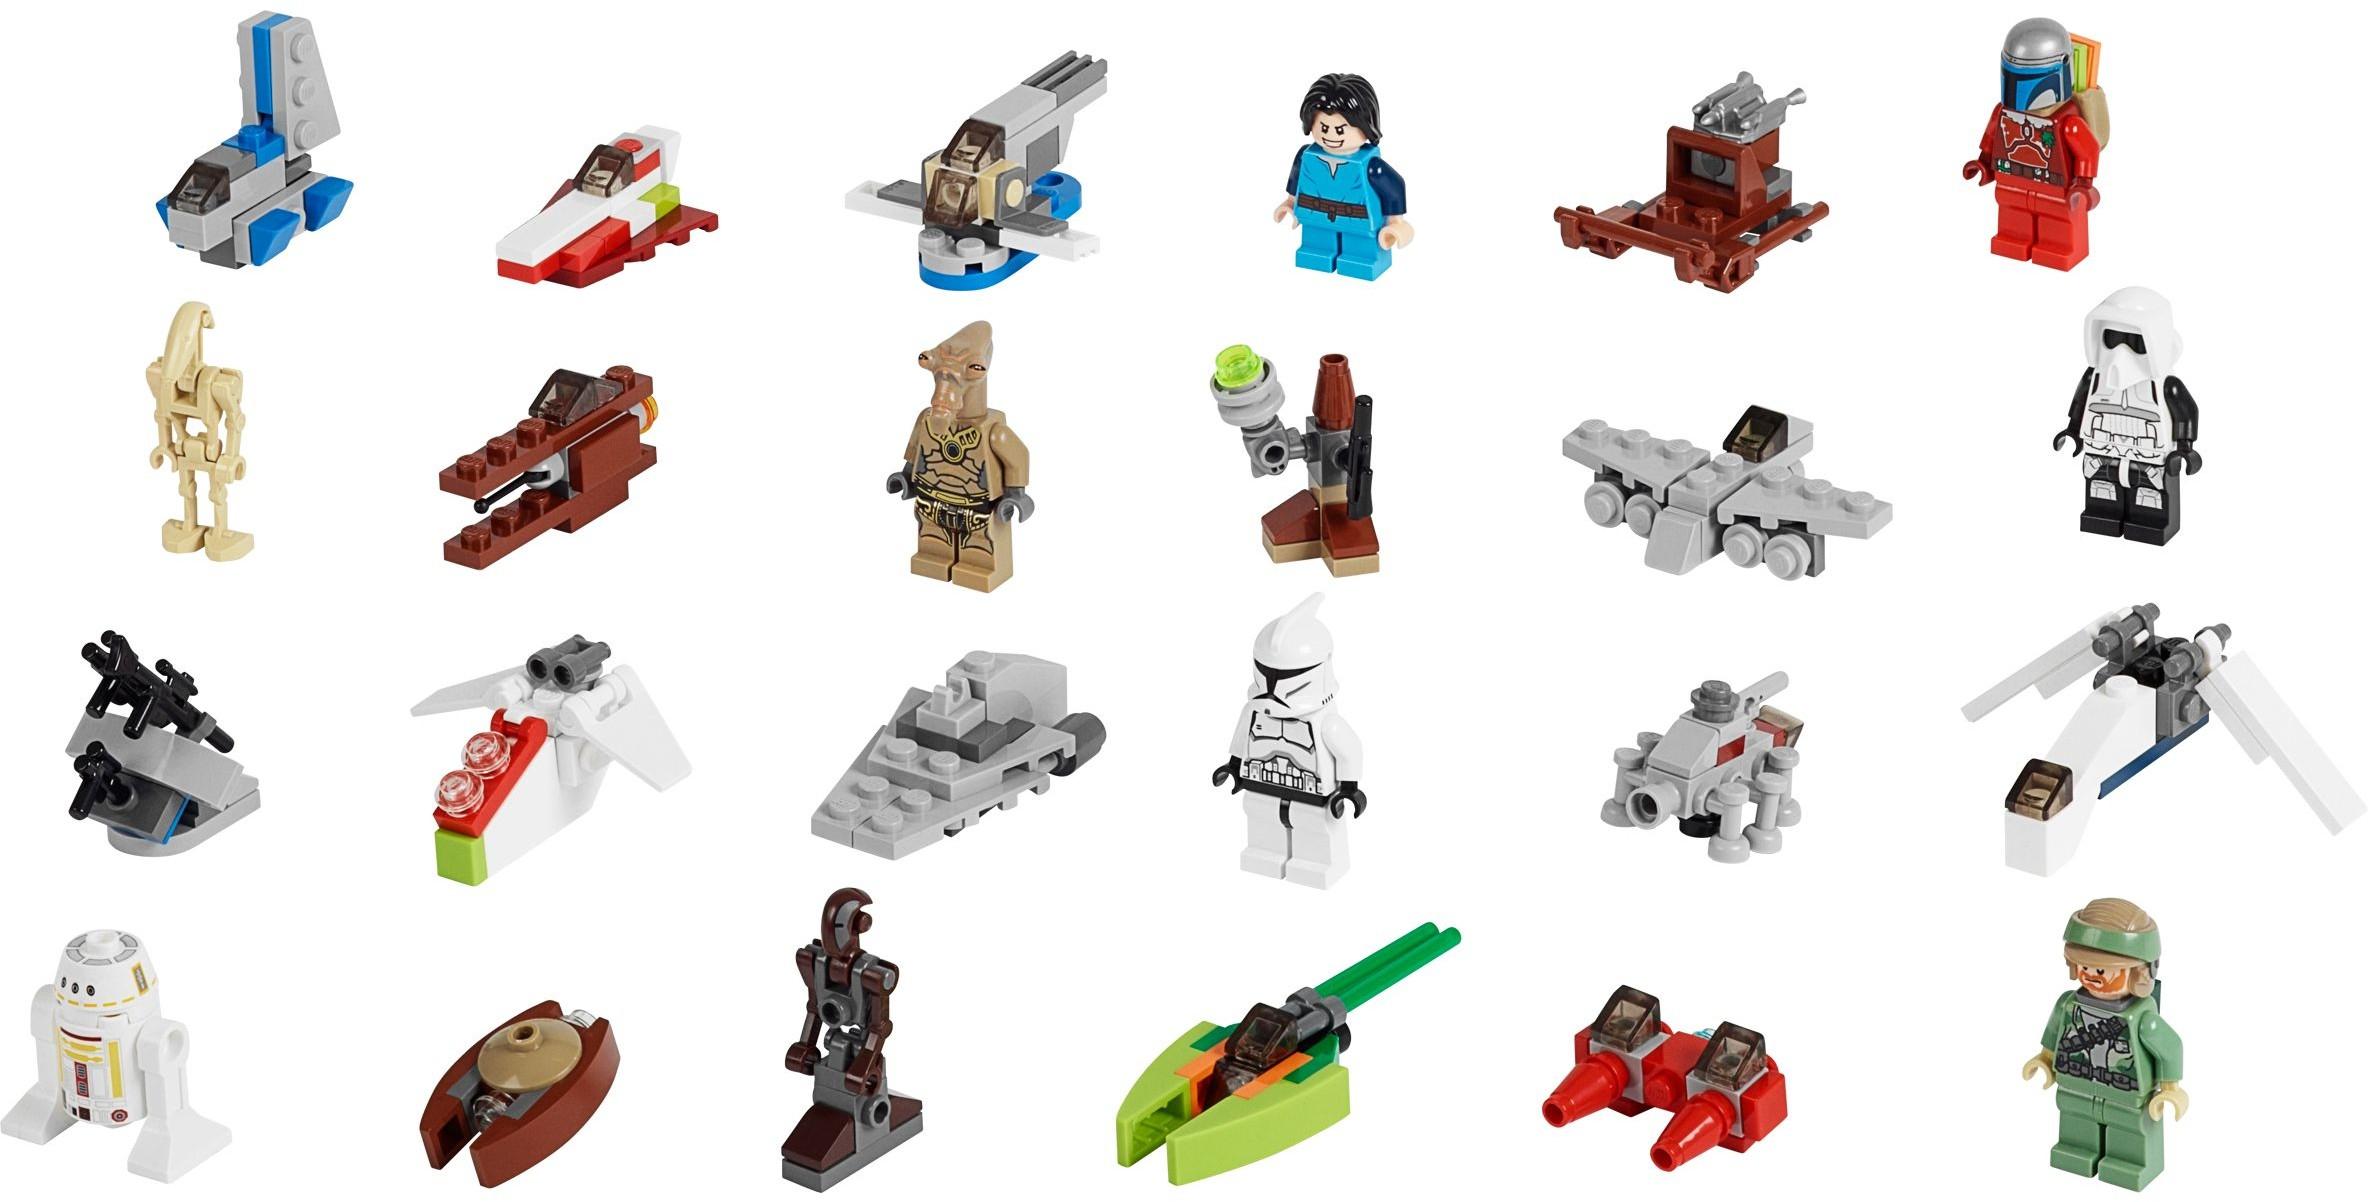 Лего 75023 Star Wars Advent Calendar regarding Lego Star Wars Calendar 2013